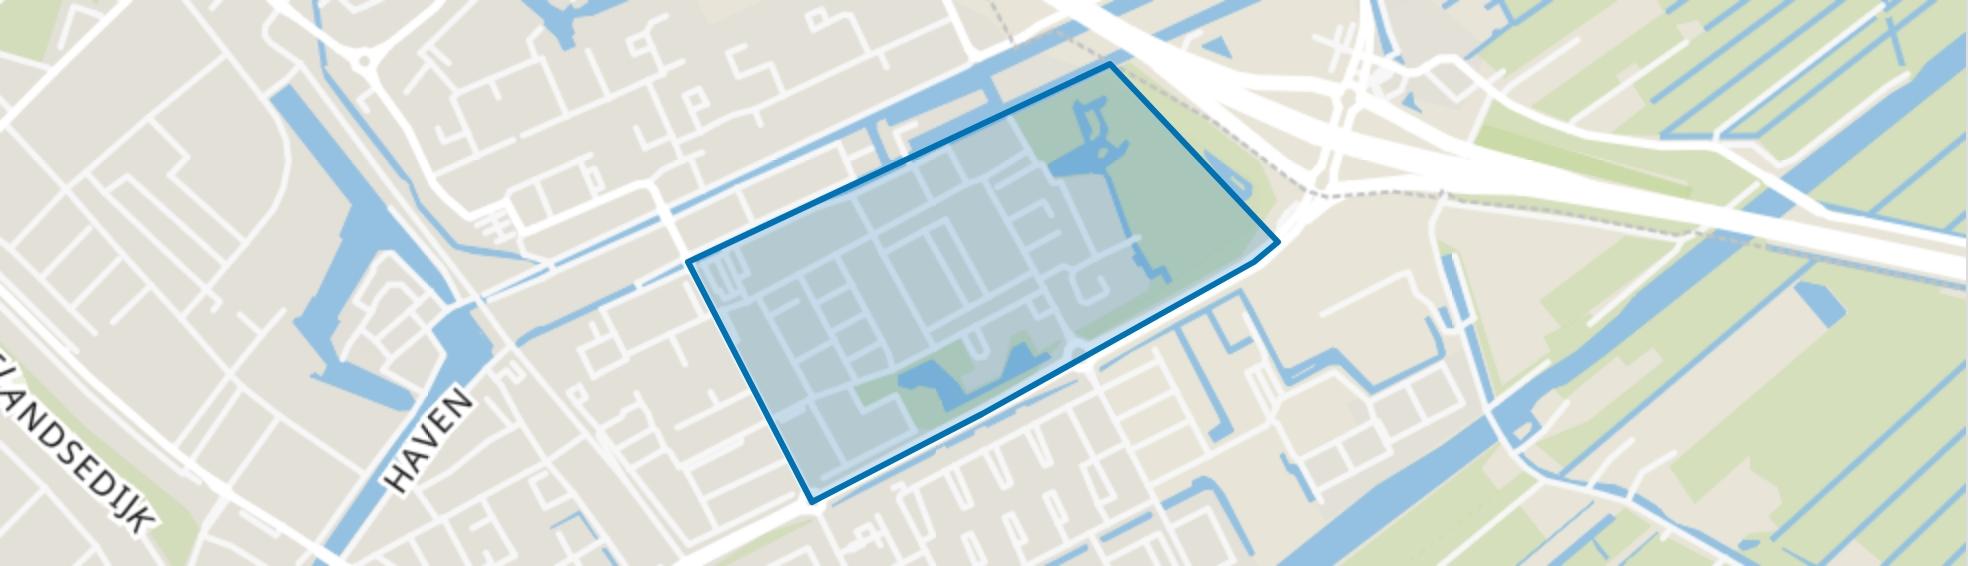 Sluispolder West, Maassluis map